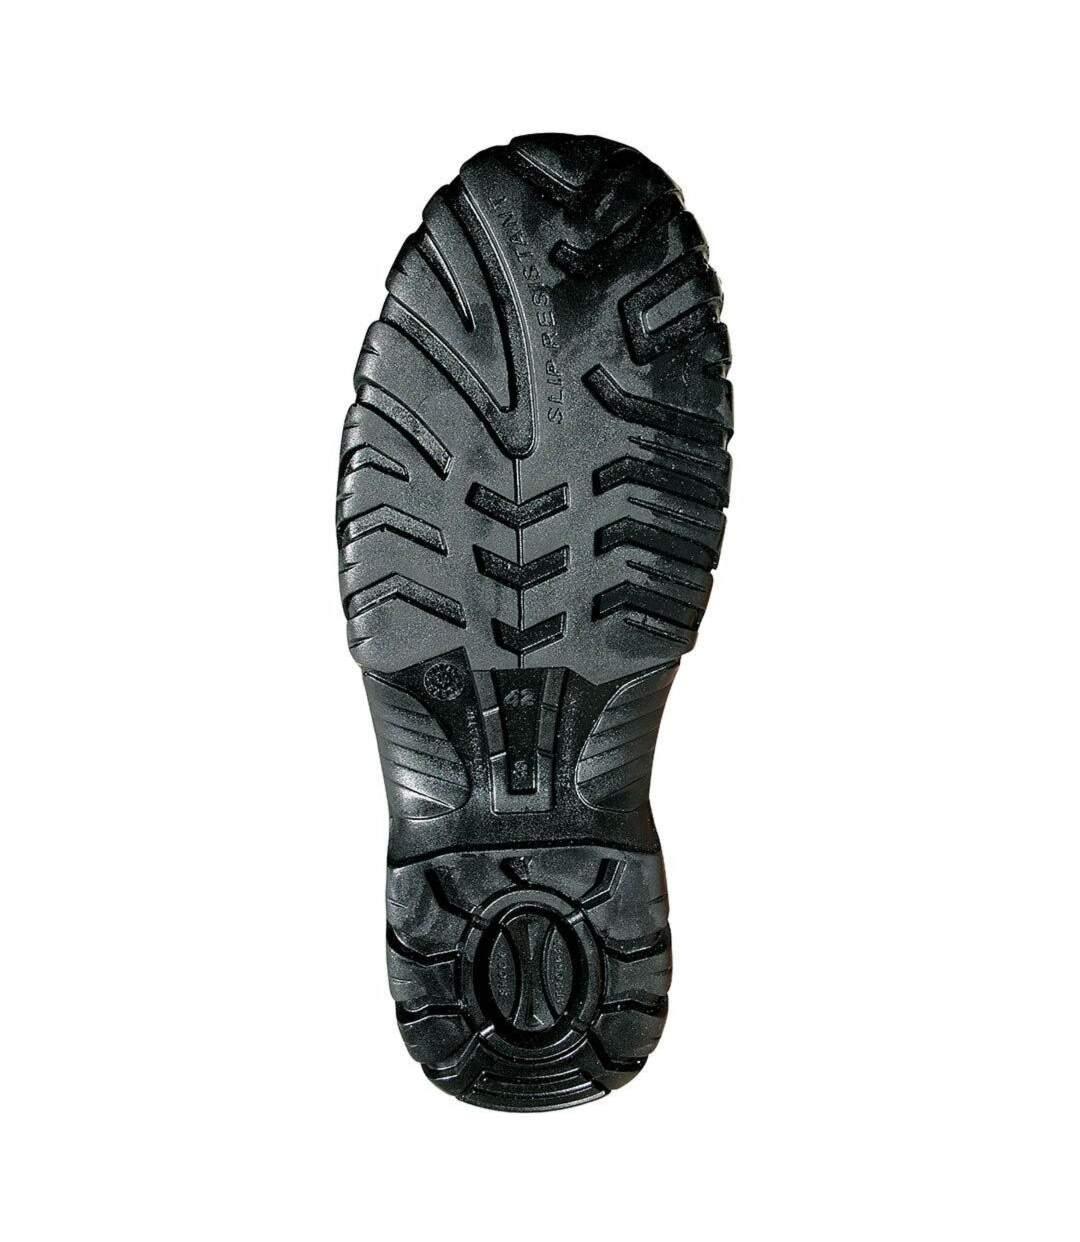 Grande Vente Chaussure de sécurité haute Lemaitre S3 Dune SRC-NOIR-48 dsf.d455nksdKLFHG